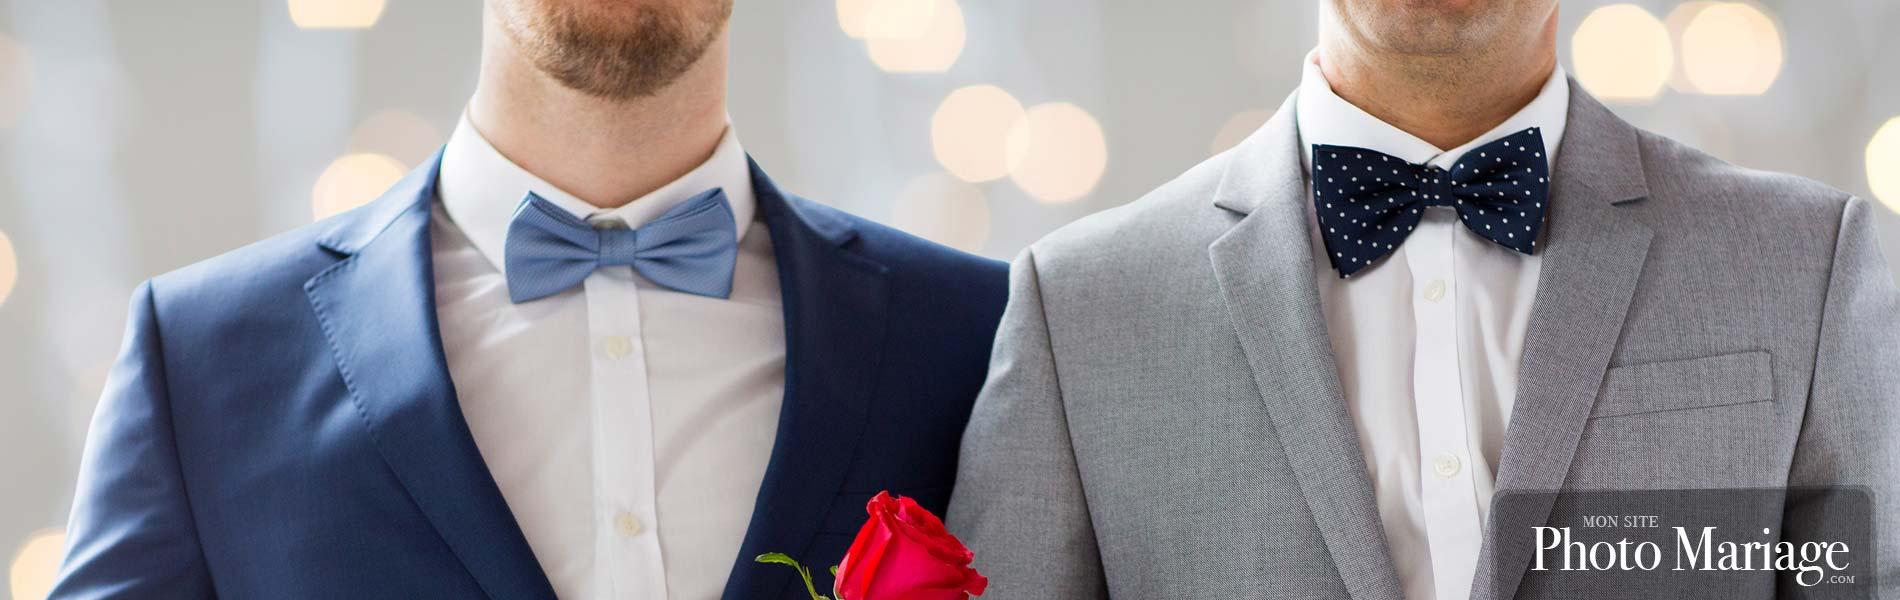 Idéal pour partager vos photos de mariage Gay